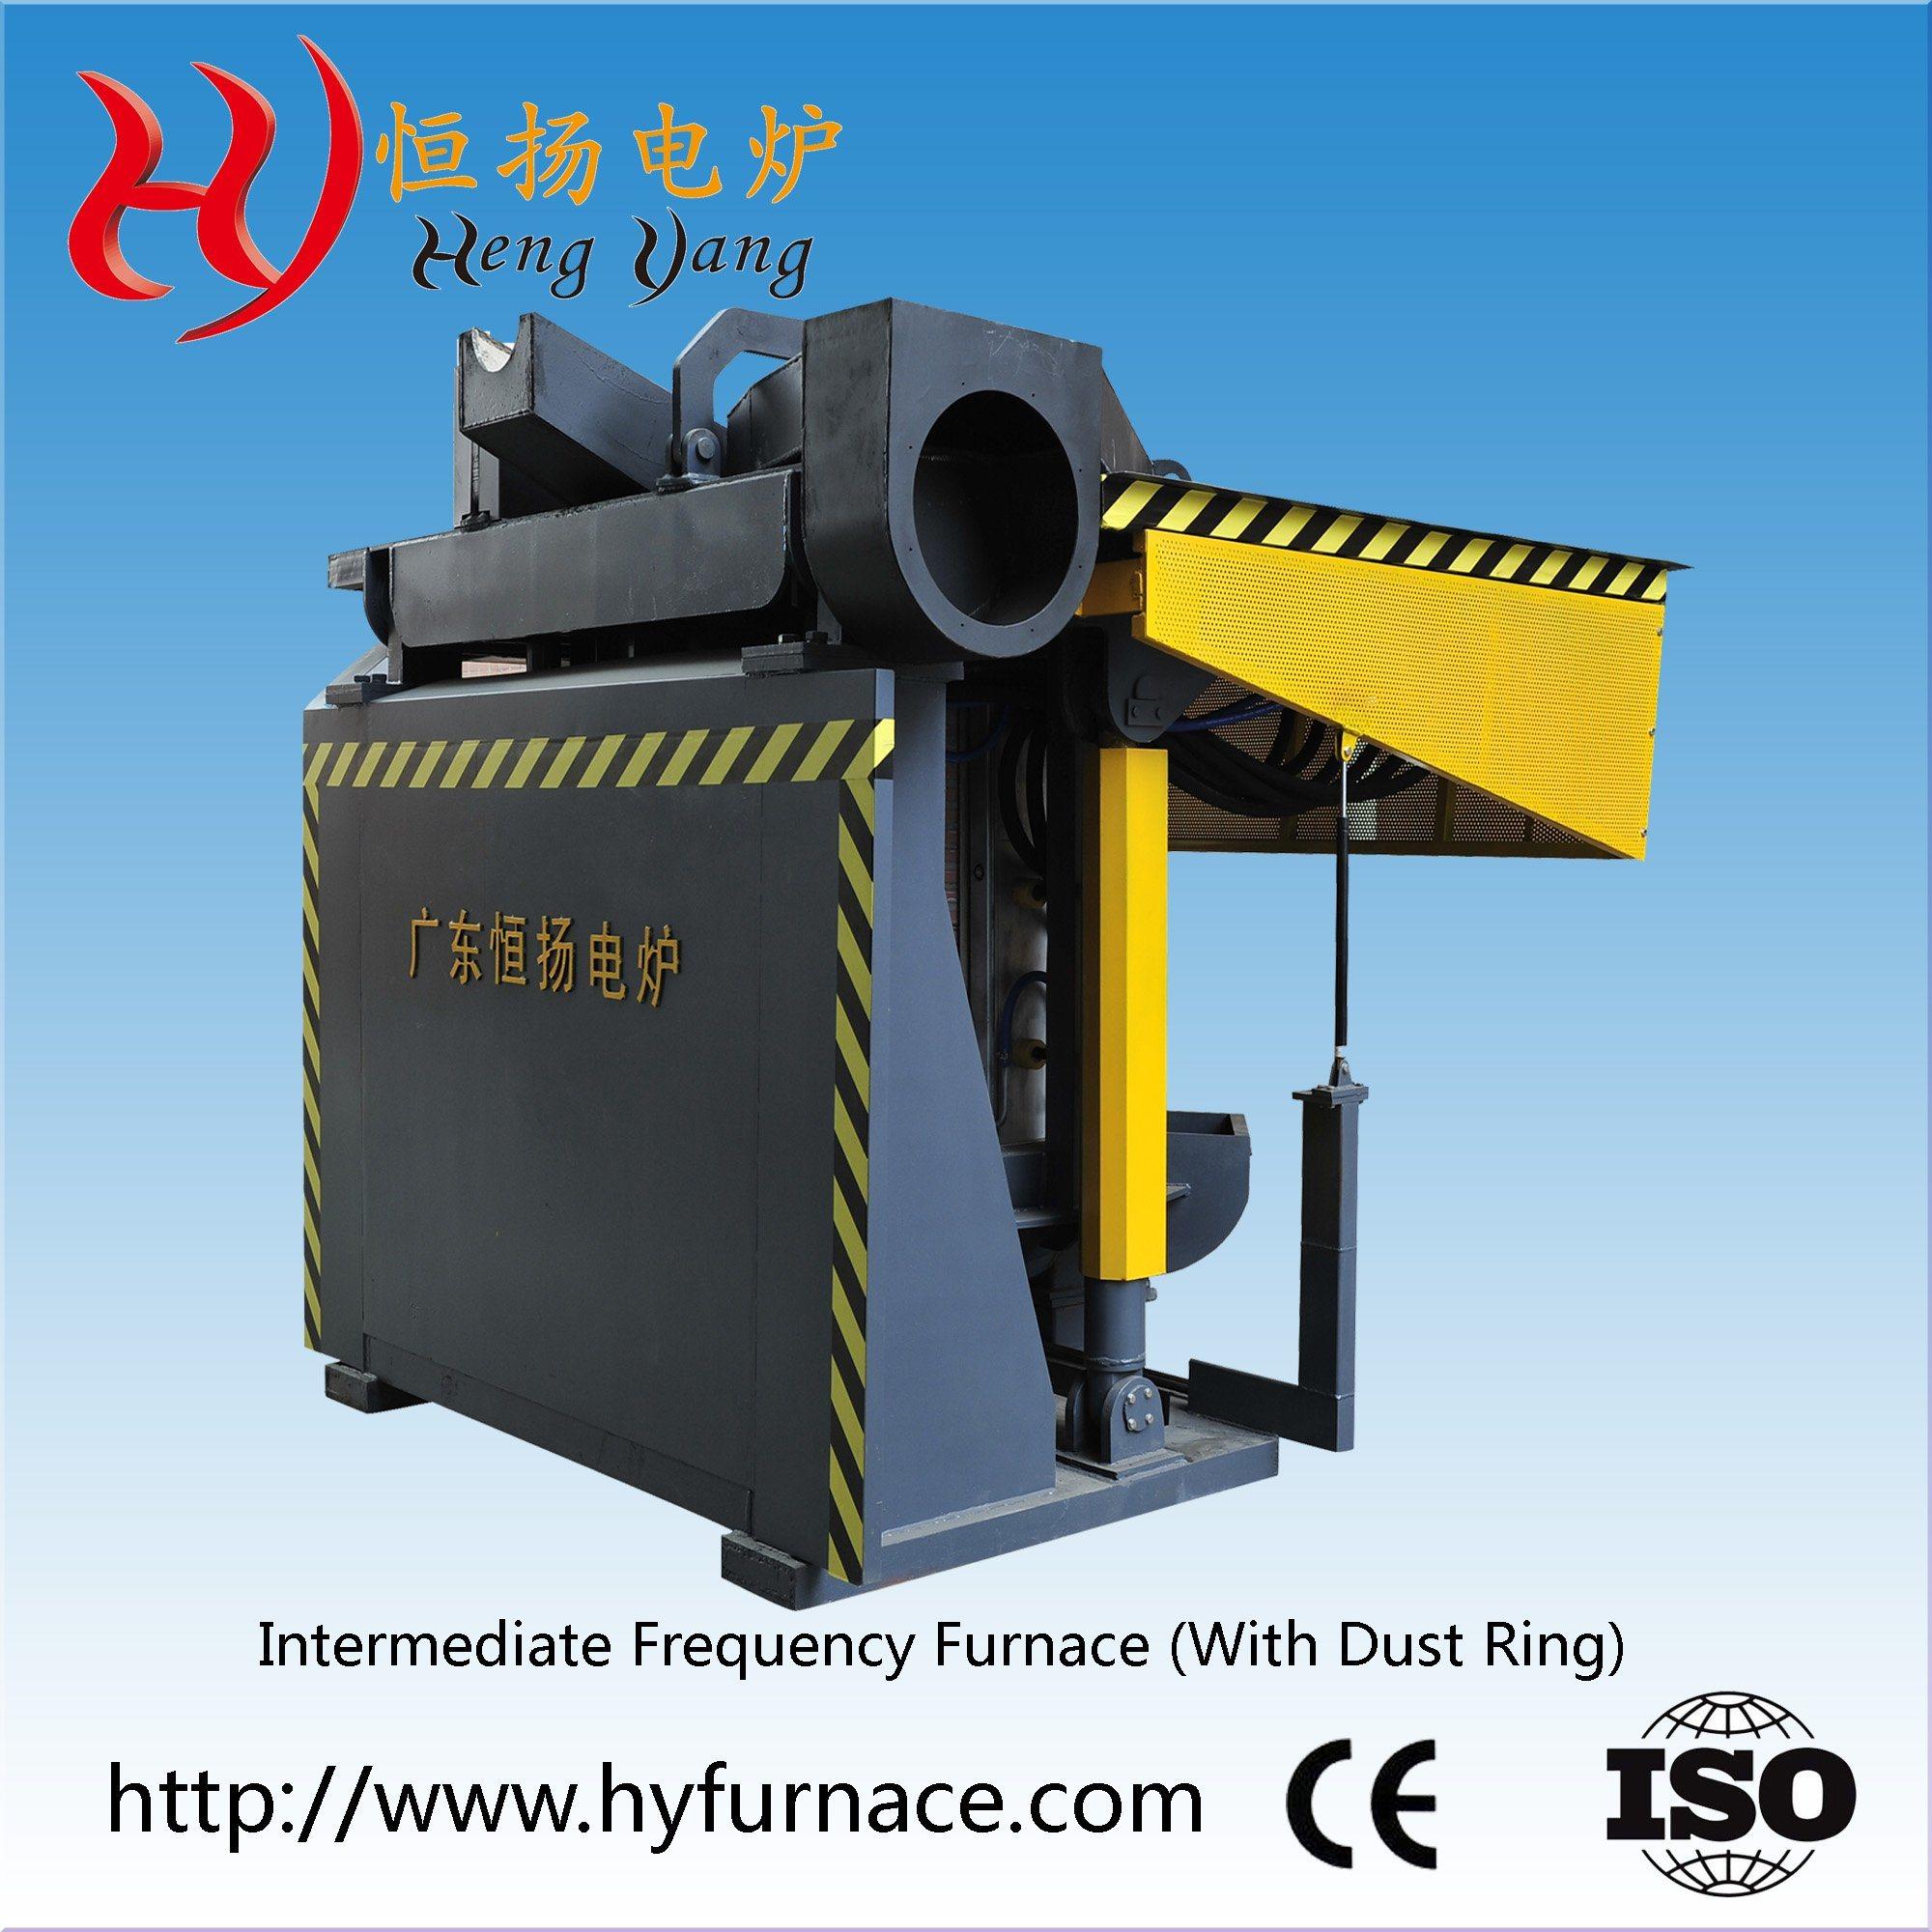 Melting Iron Induction Furnace